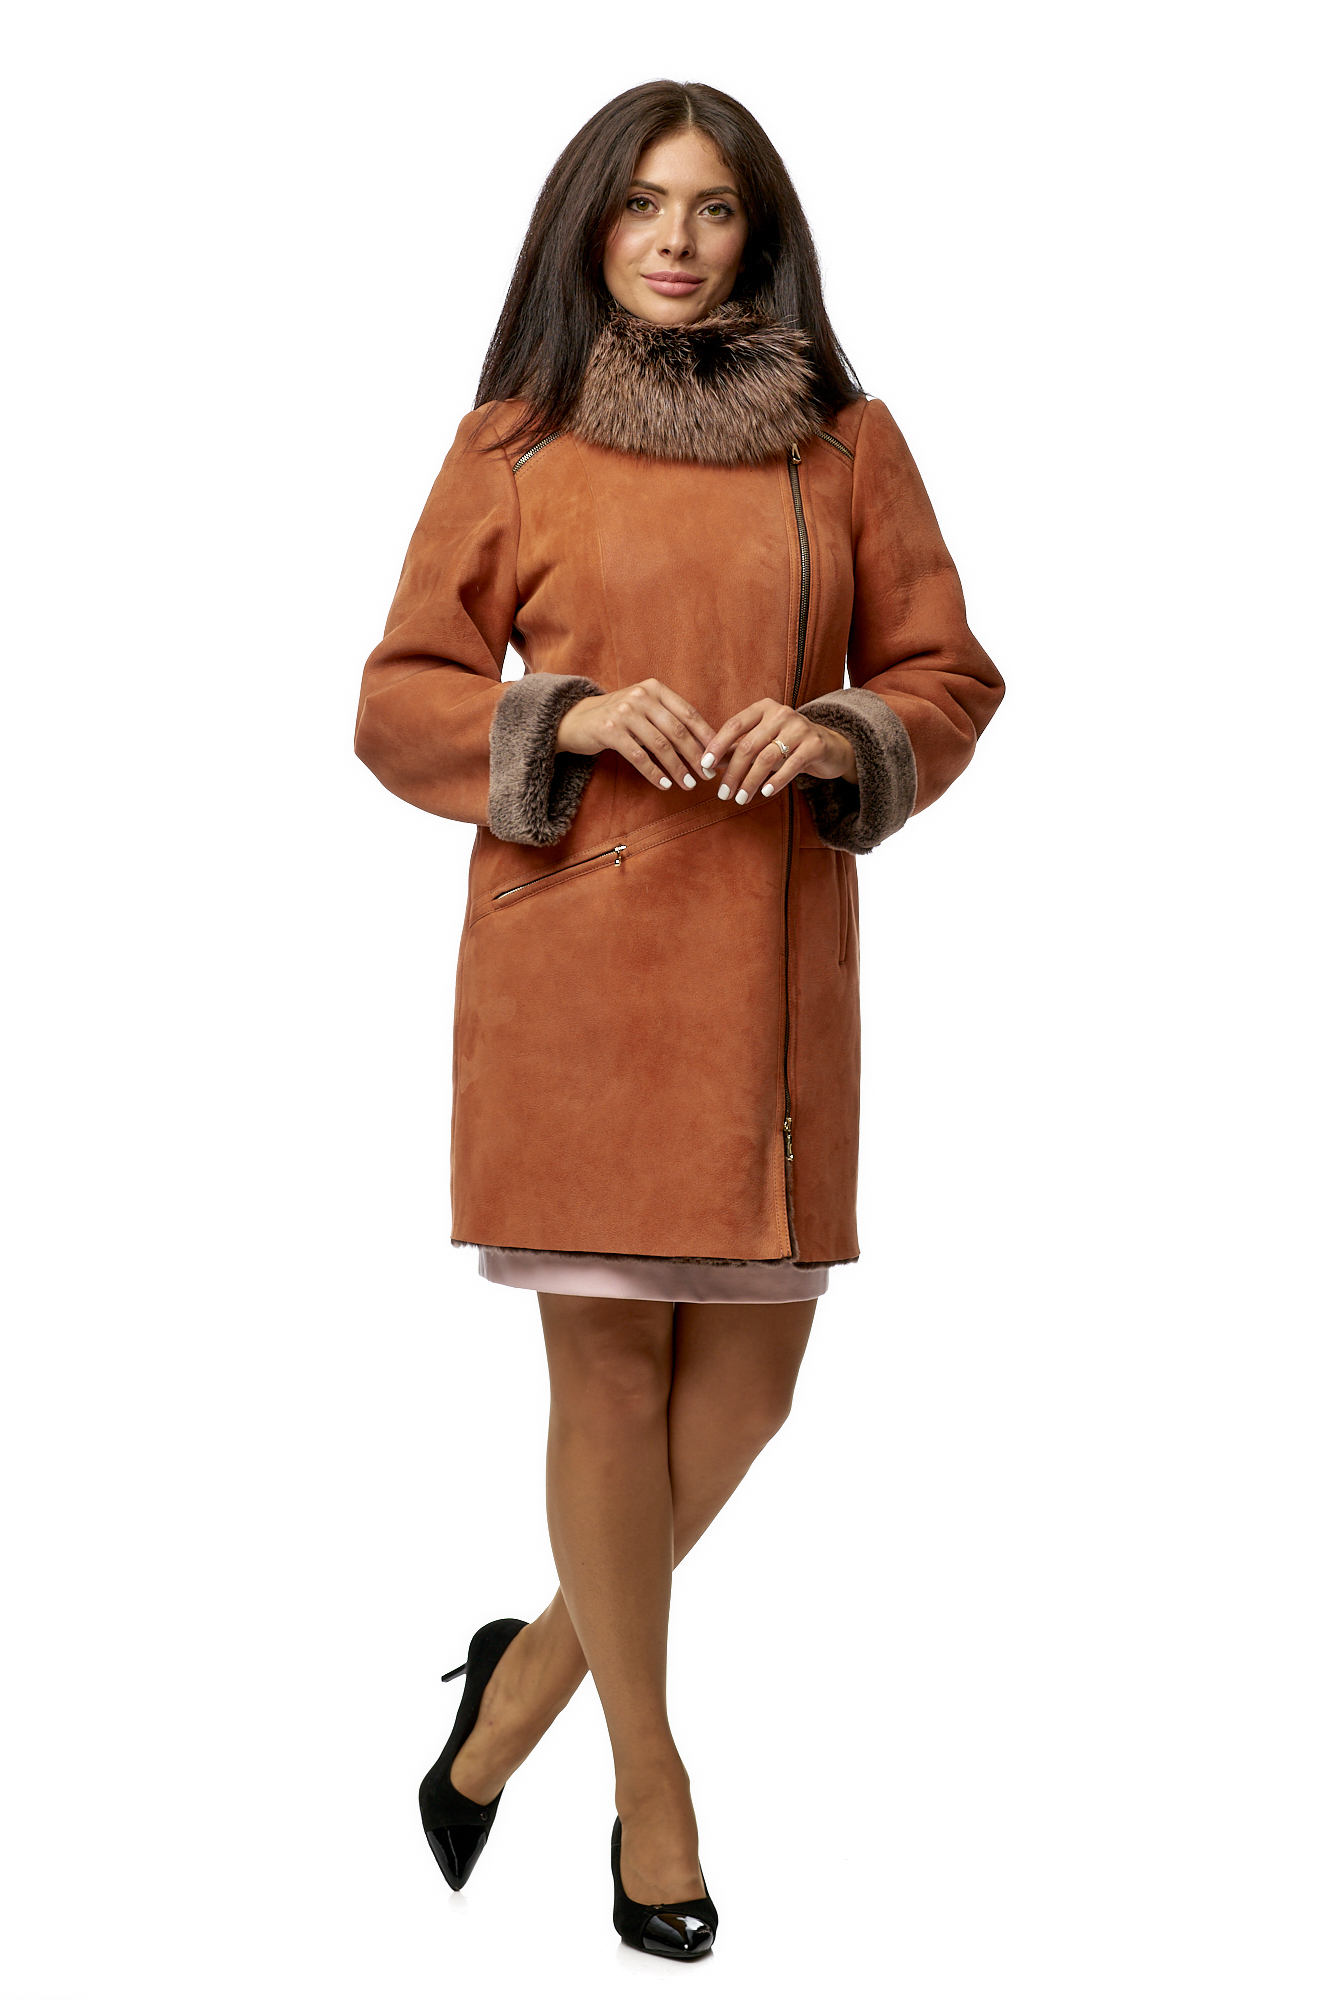 Дубленка женская из натуральной овчины с воротником МОСМЕХА